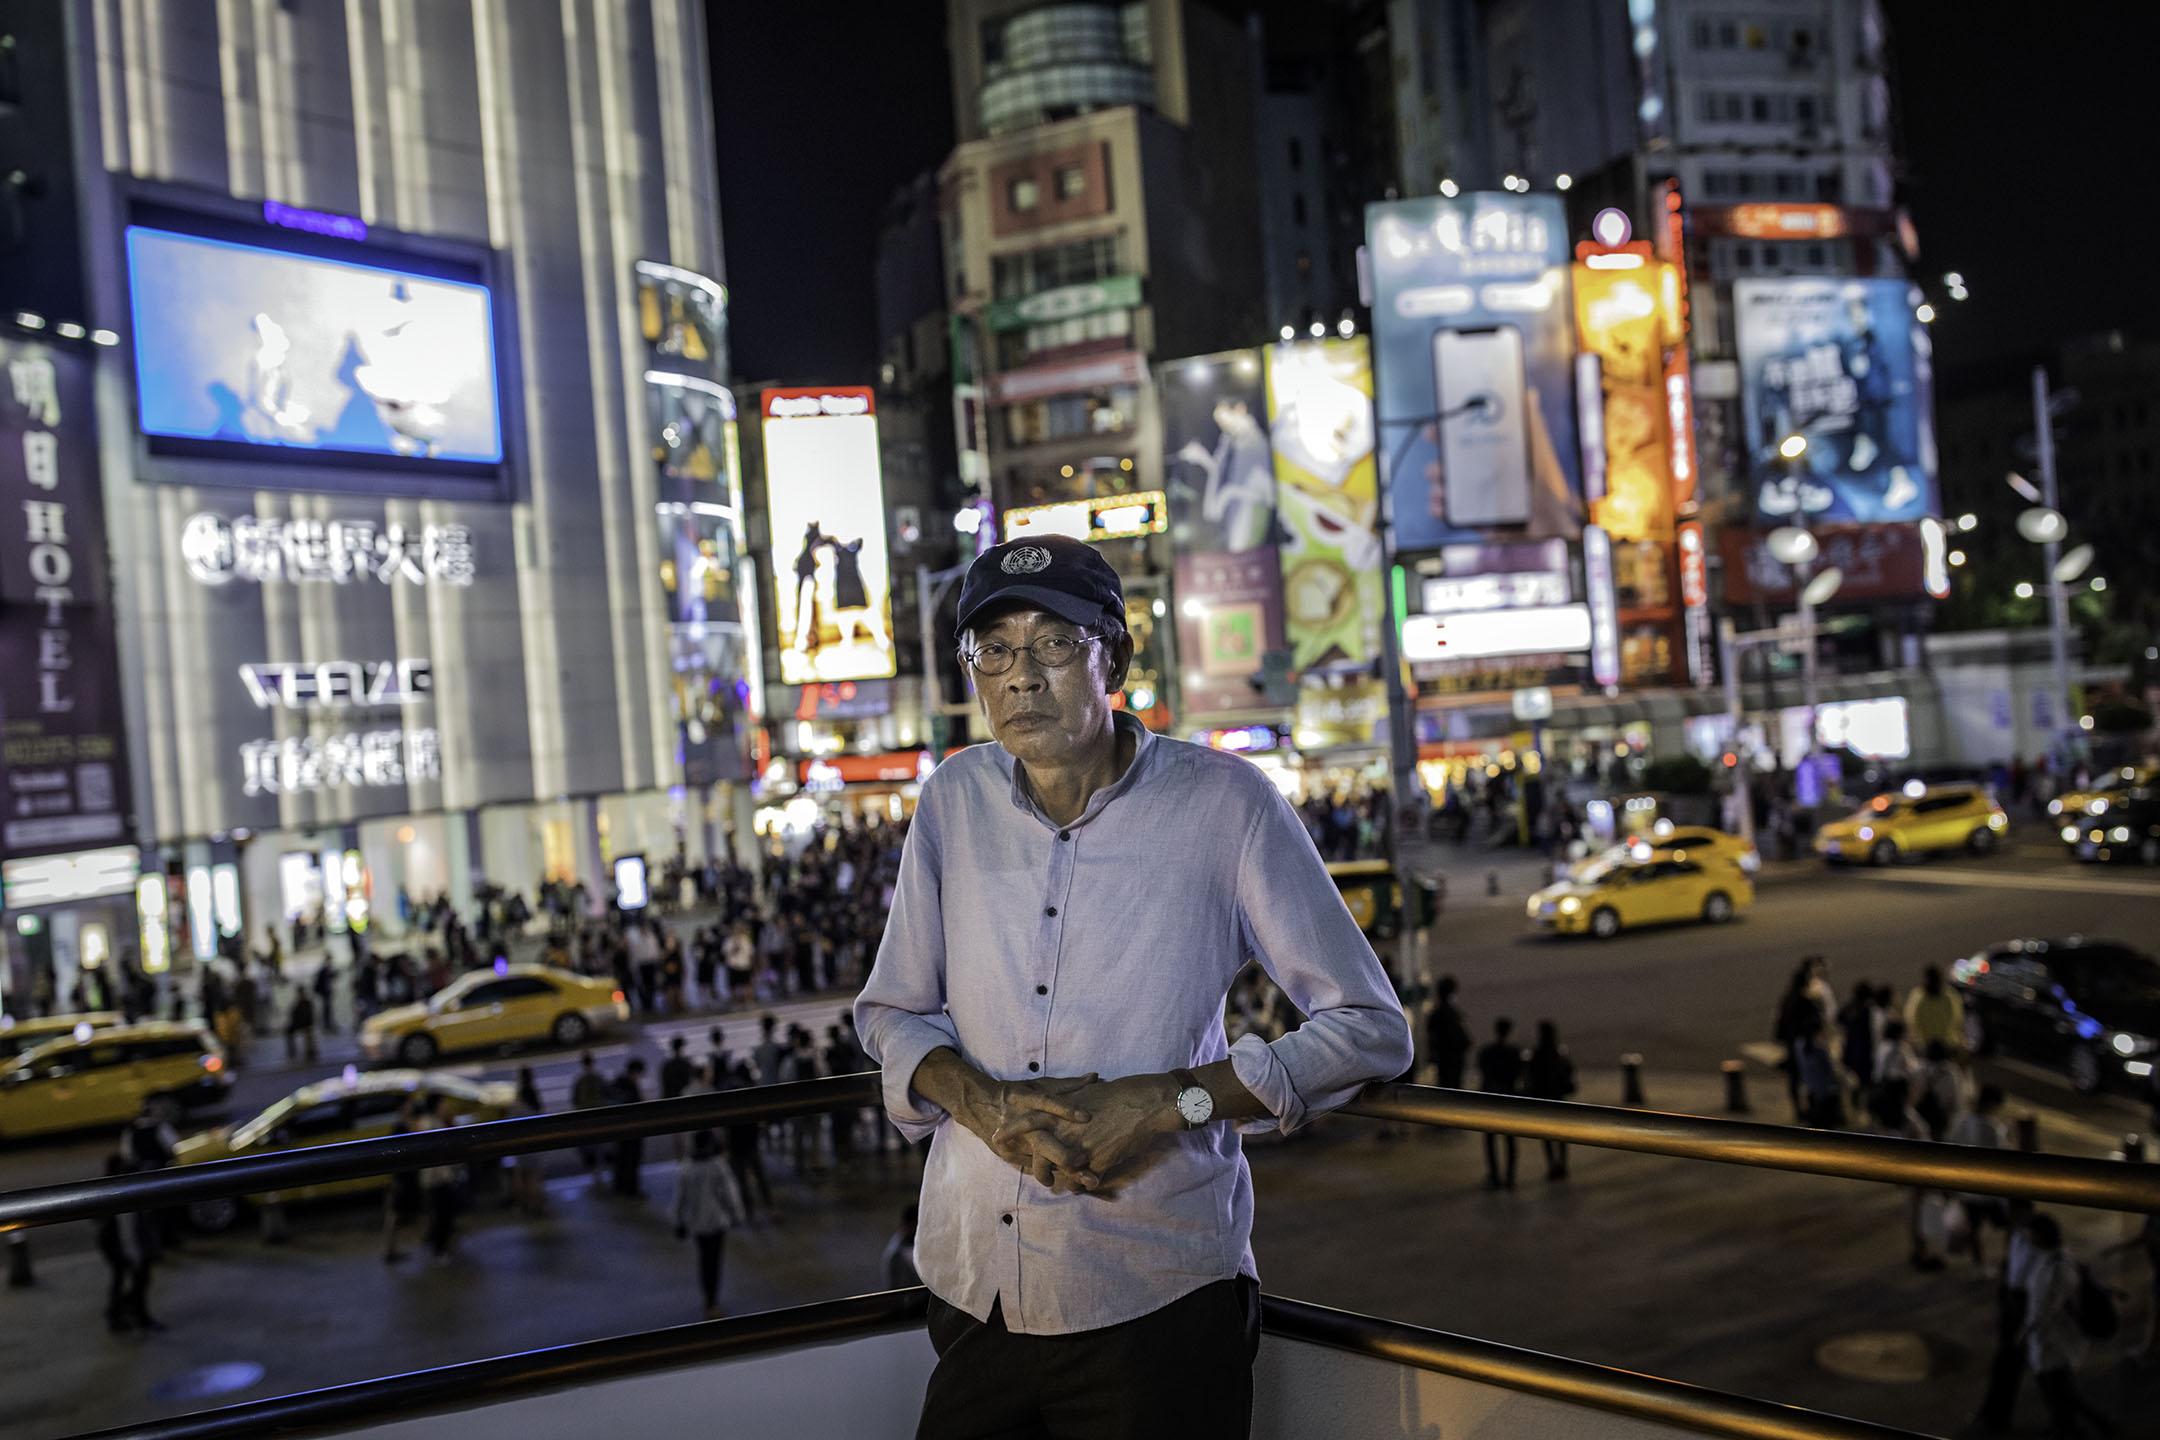 2019年4月26日,林榮基在台北西門。 攝:陳焯煇/端傳媒